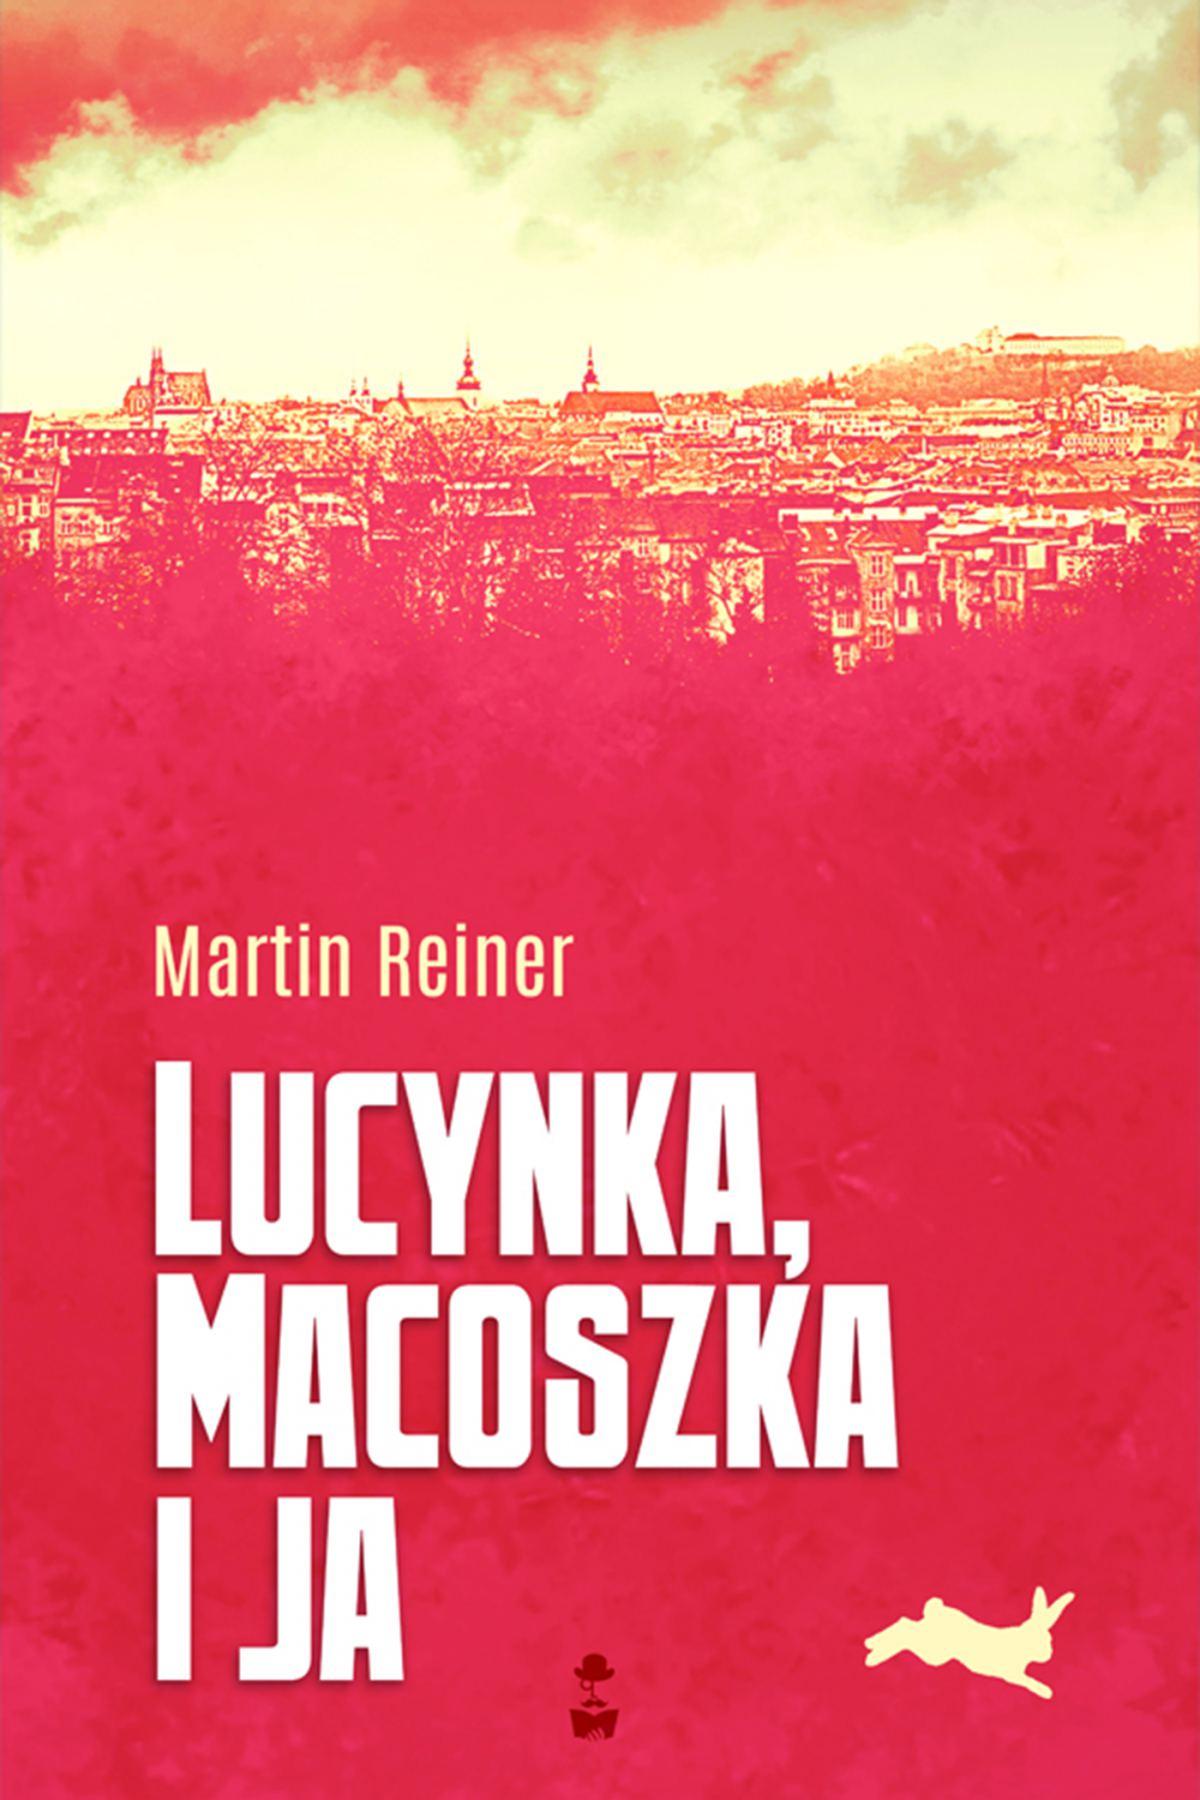 Lucynka, Macoszka i ja - Ebook (Książka EPUB) do pobrania w formacie EPUB